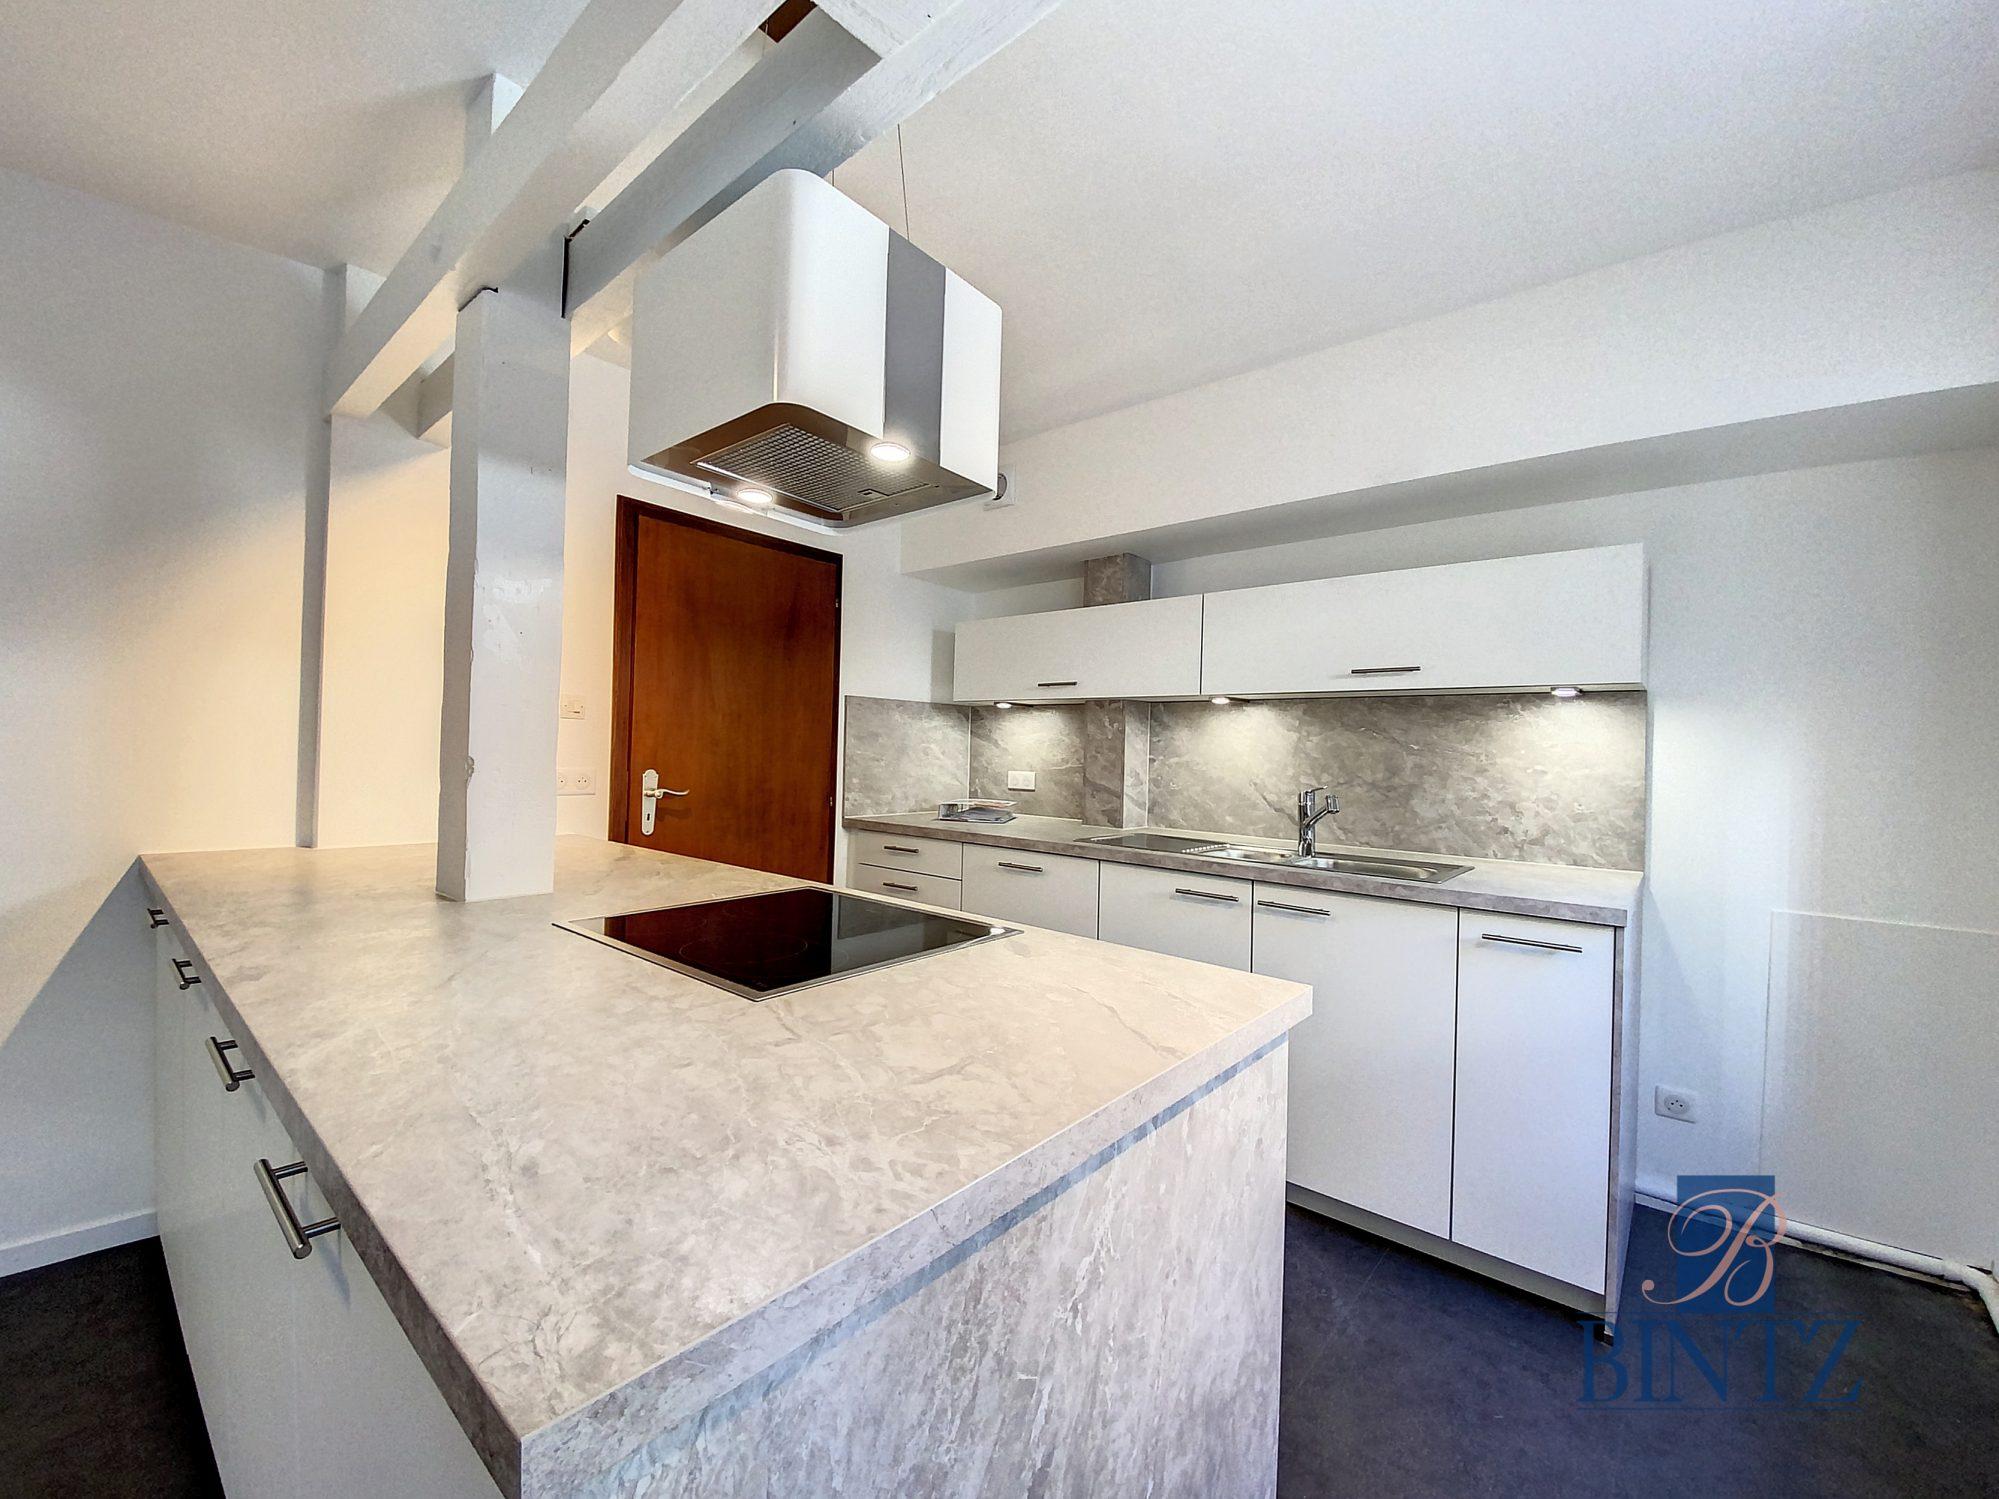 DUPLEX avec terrasse PLACE DE L'UNIVERSITÉ AVEC TERRASSE - Devenez locataire en toute sérénité - Bintz Immobilier - 4